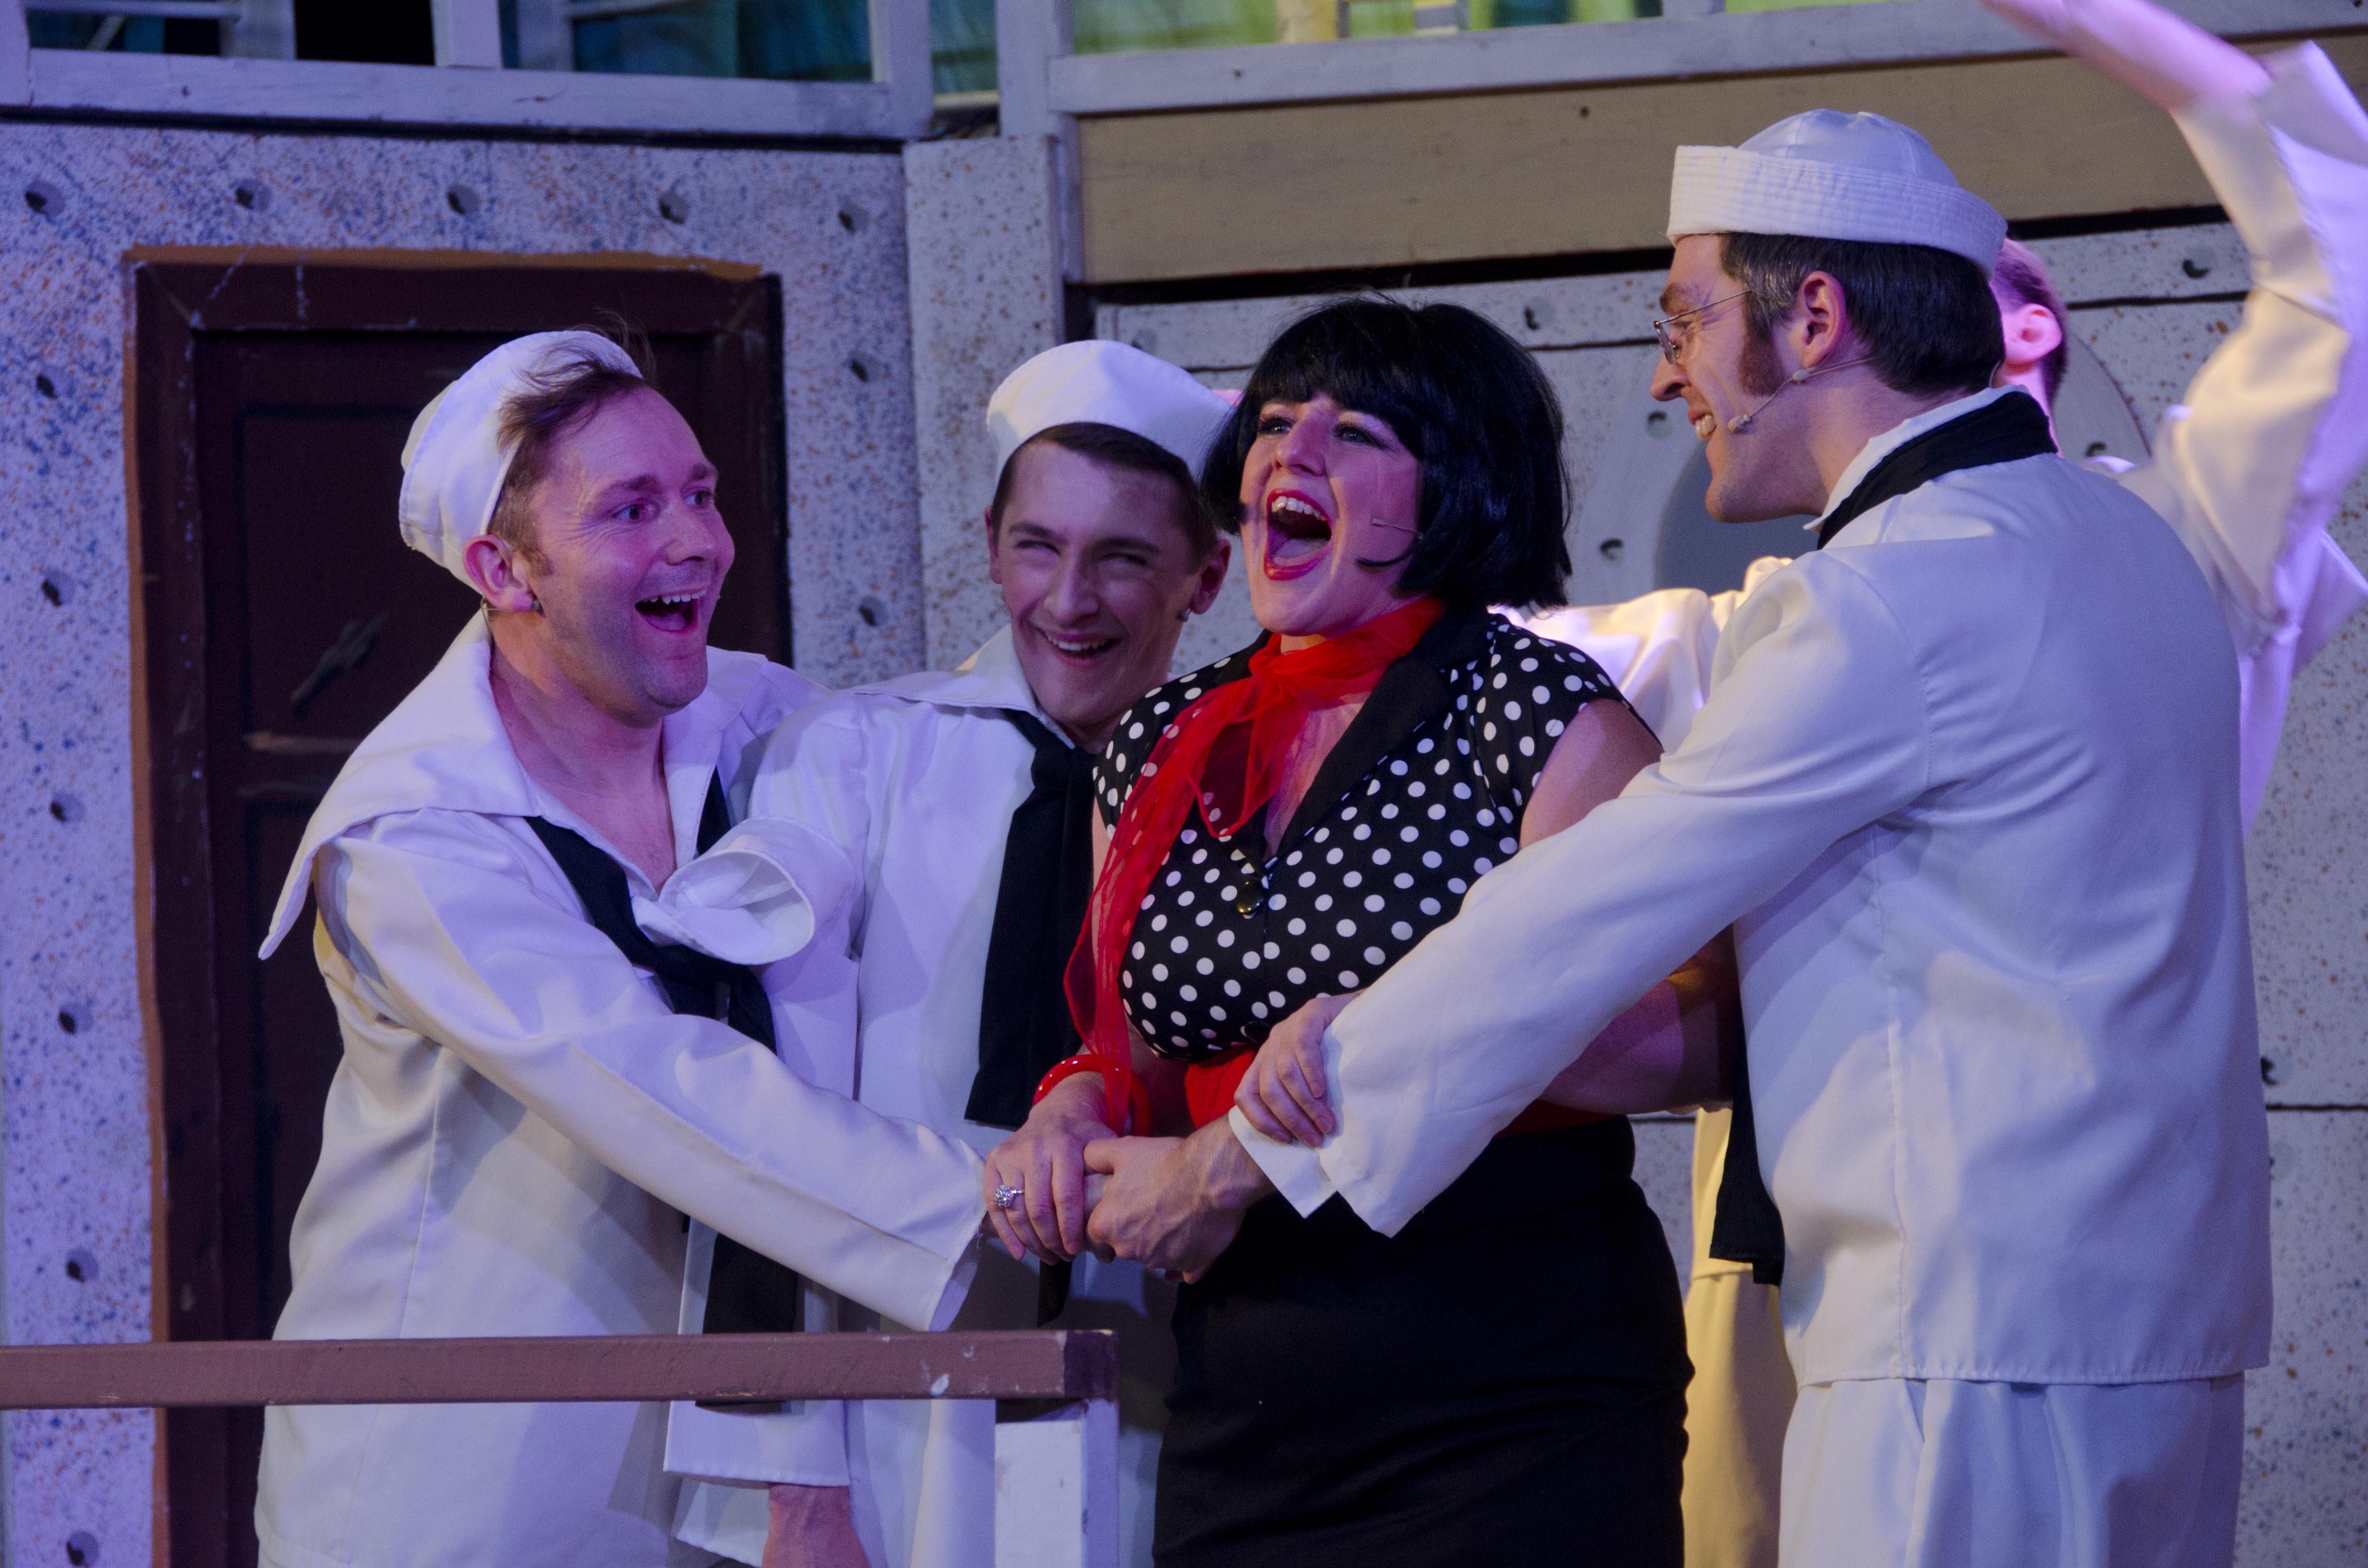 Erma & sailors